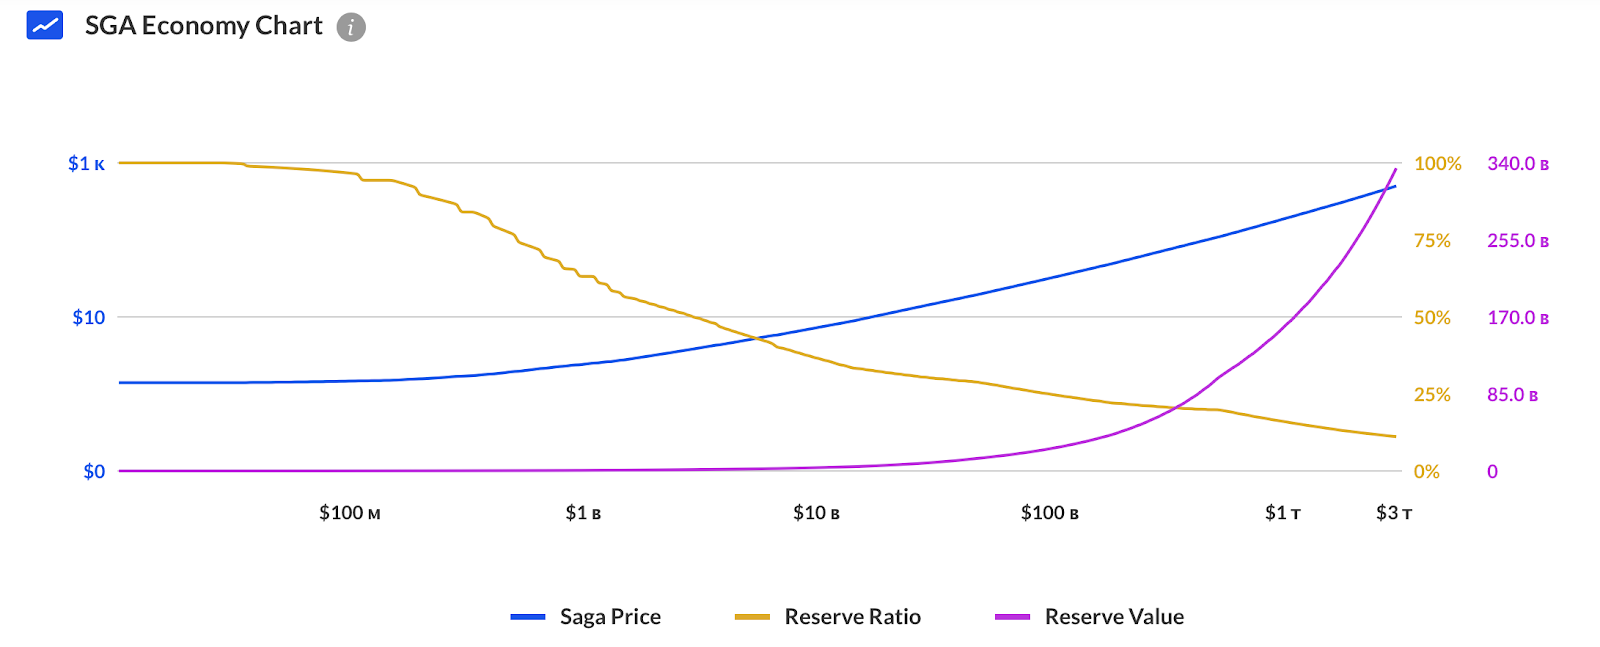 Saga Price